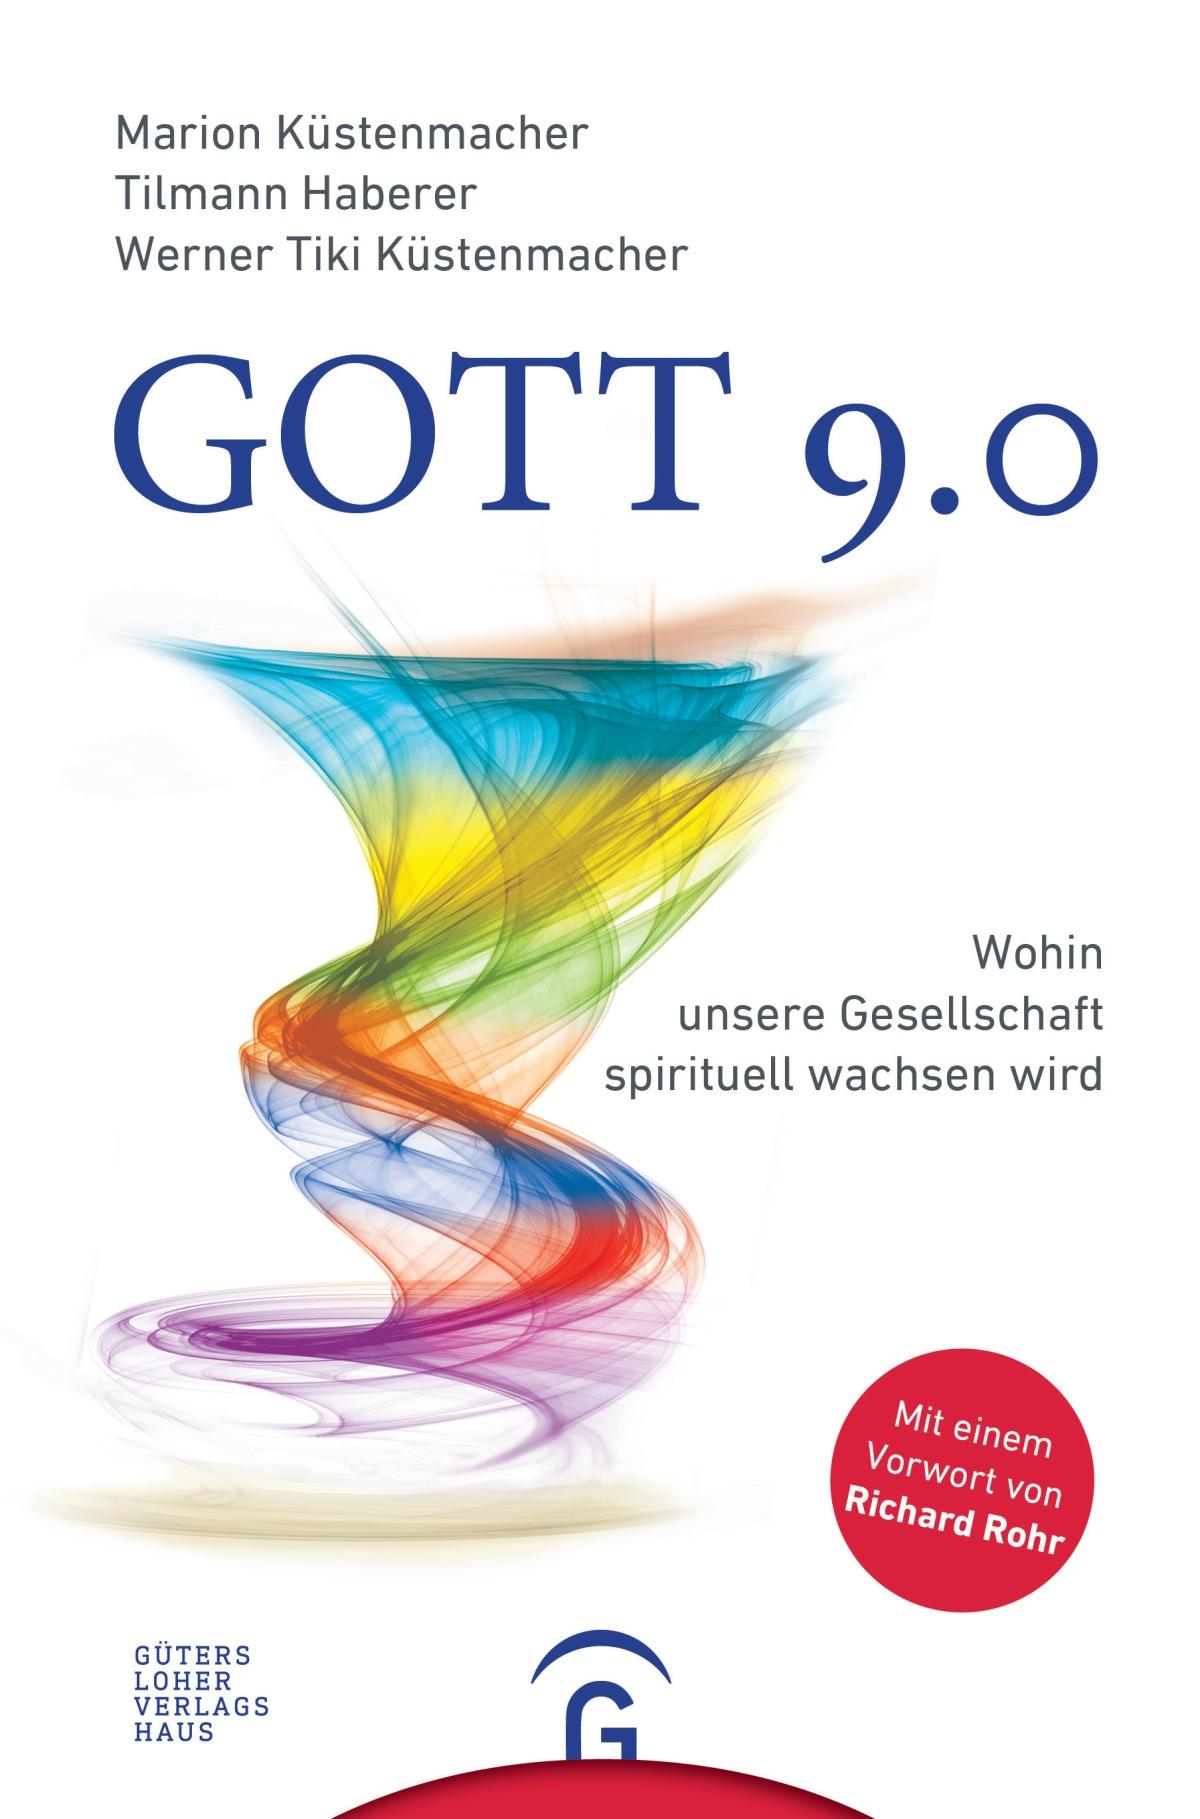 Gott 9.0 inKürze